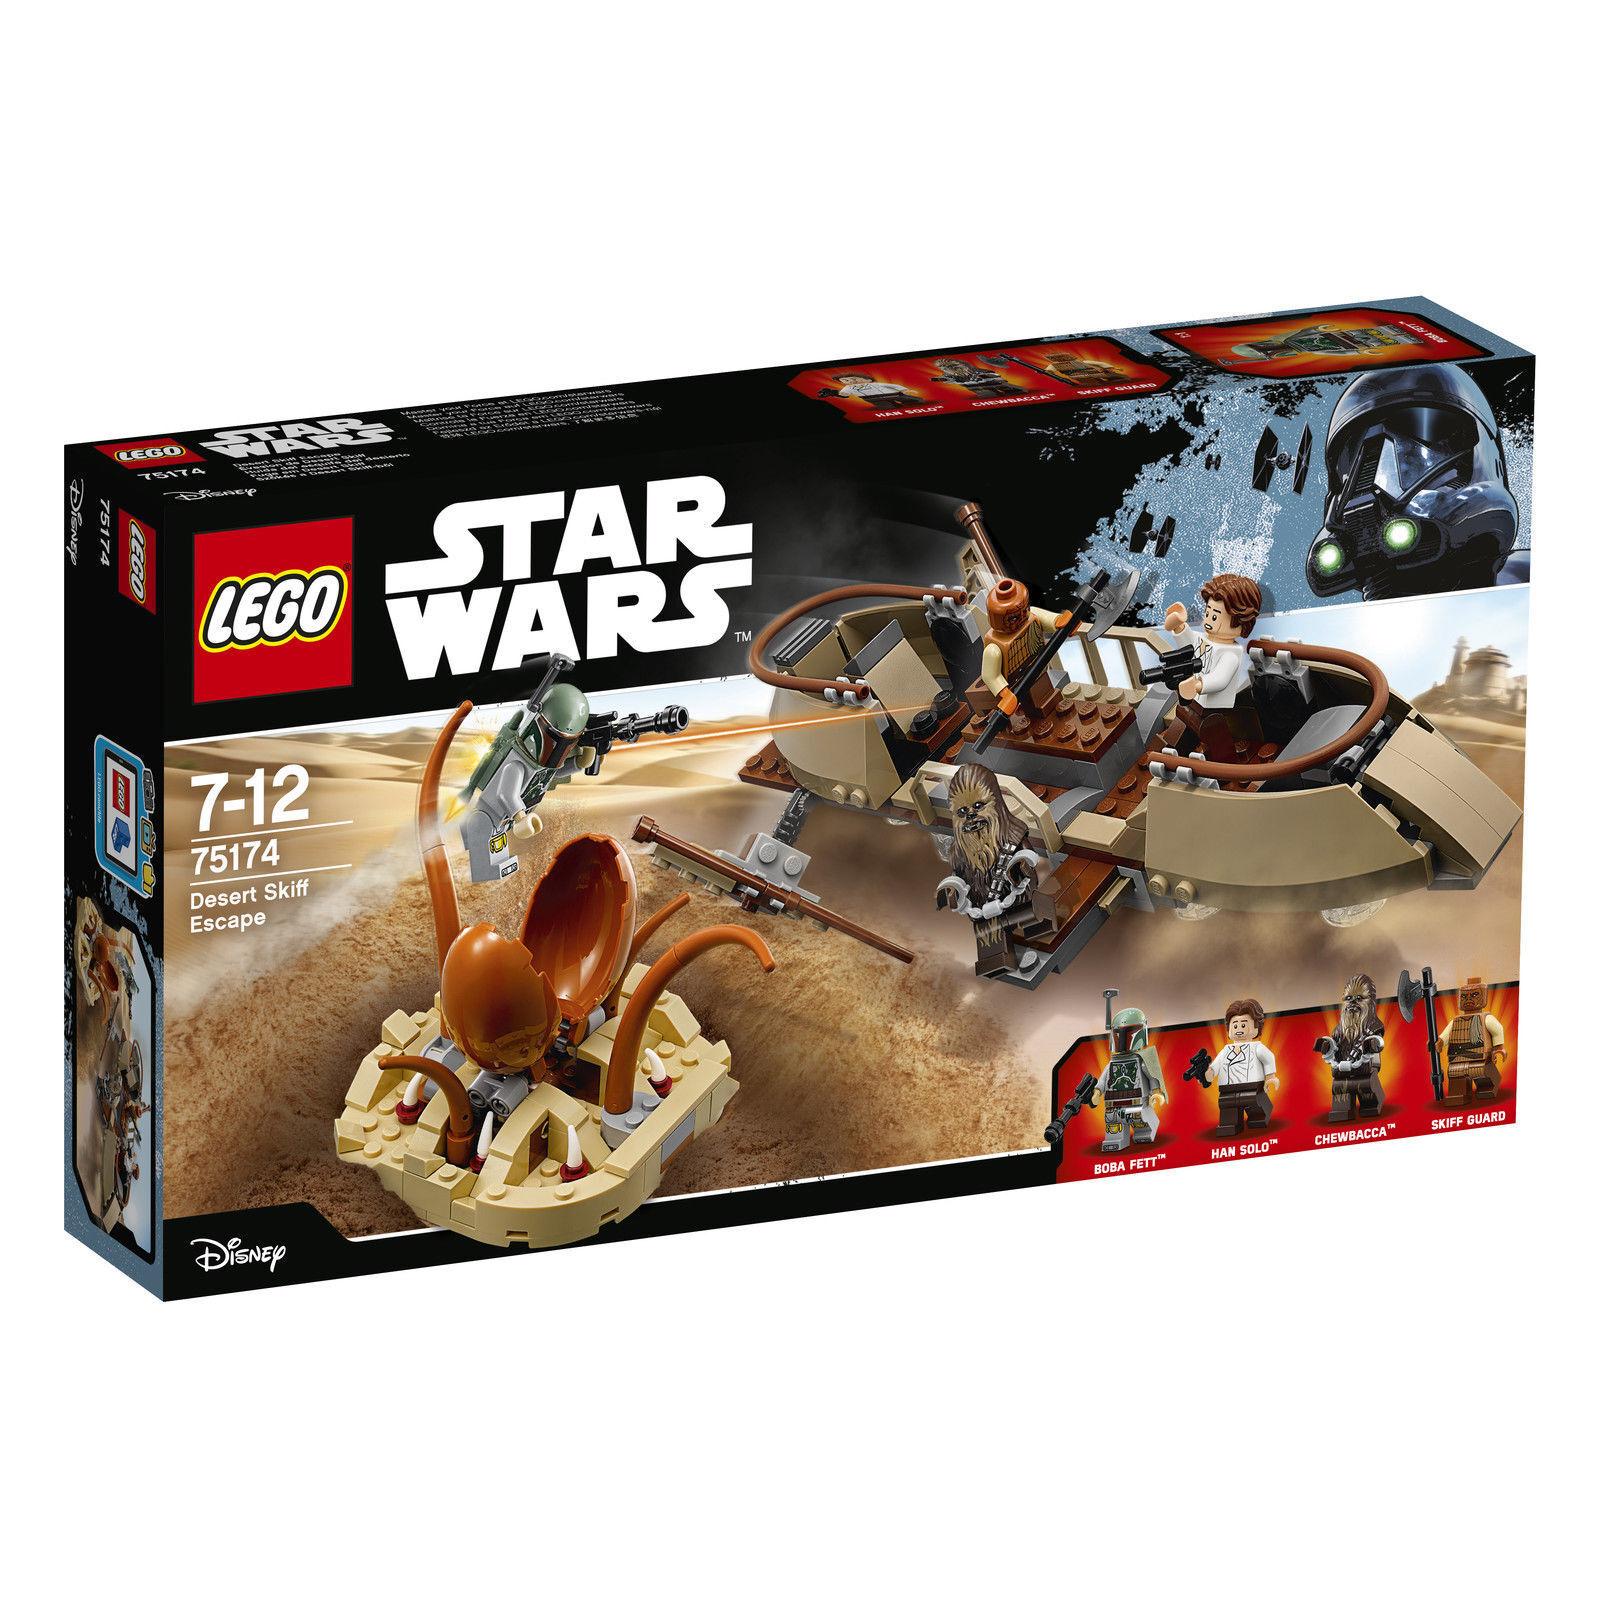 LEGO ® Star Wars ™ 75174 Desert Skiff Escape Nouveau Neuf dans sa boîte scellée